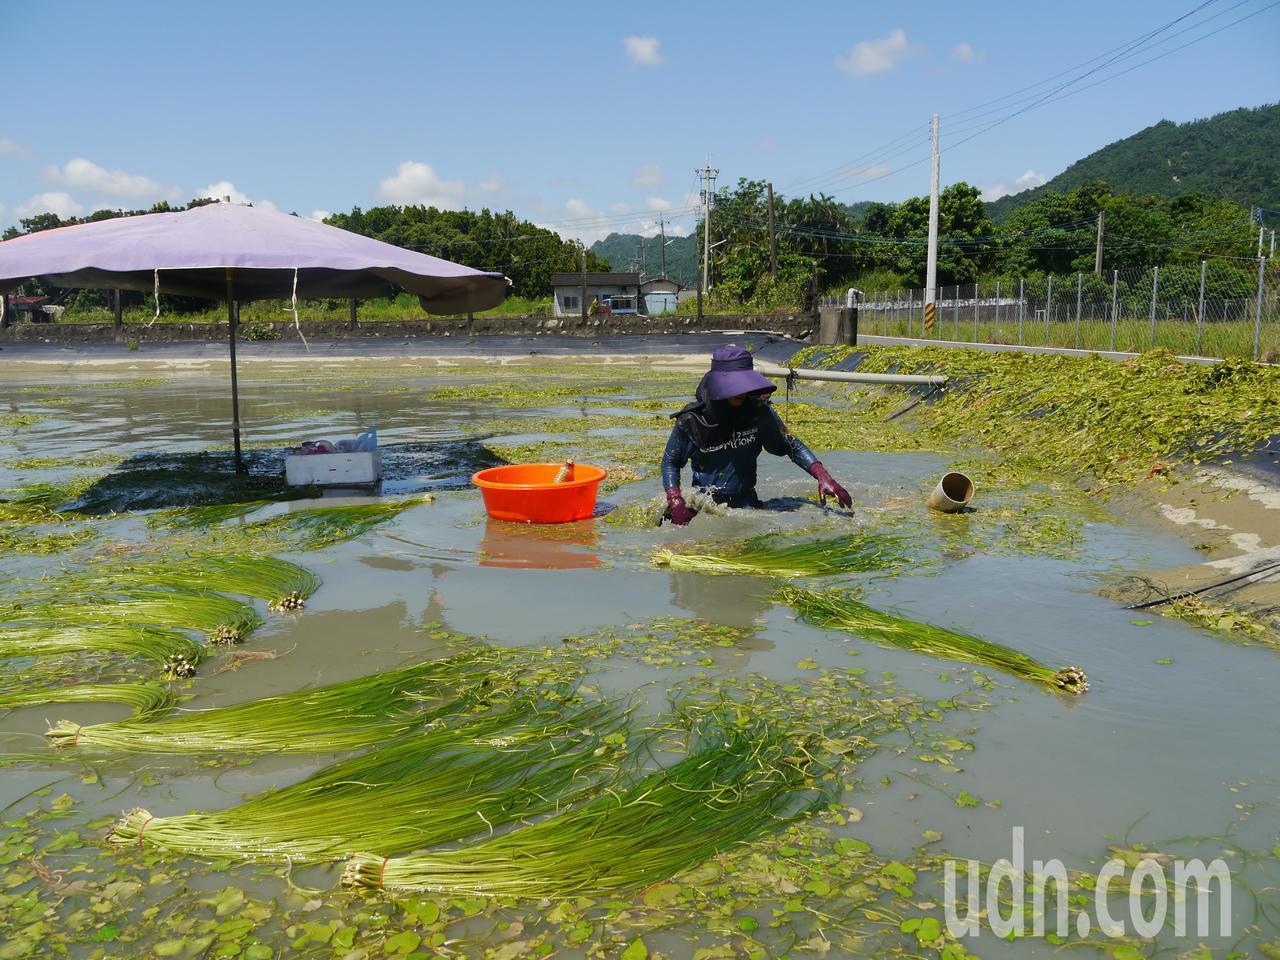 野蓮種植集中在美濃湖一帶,採收作業全在水中進行,工作不輕鬆。記者徐白櫻/攝影